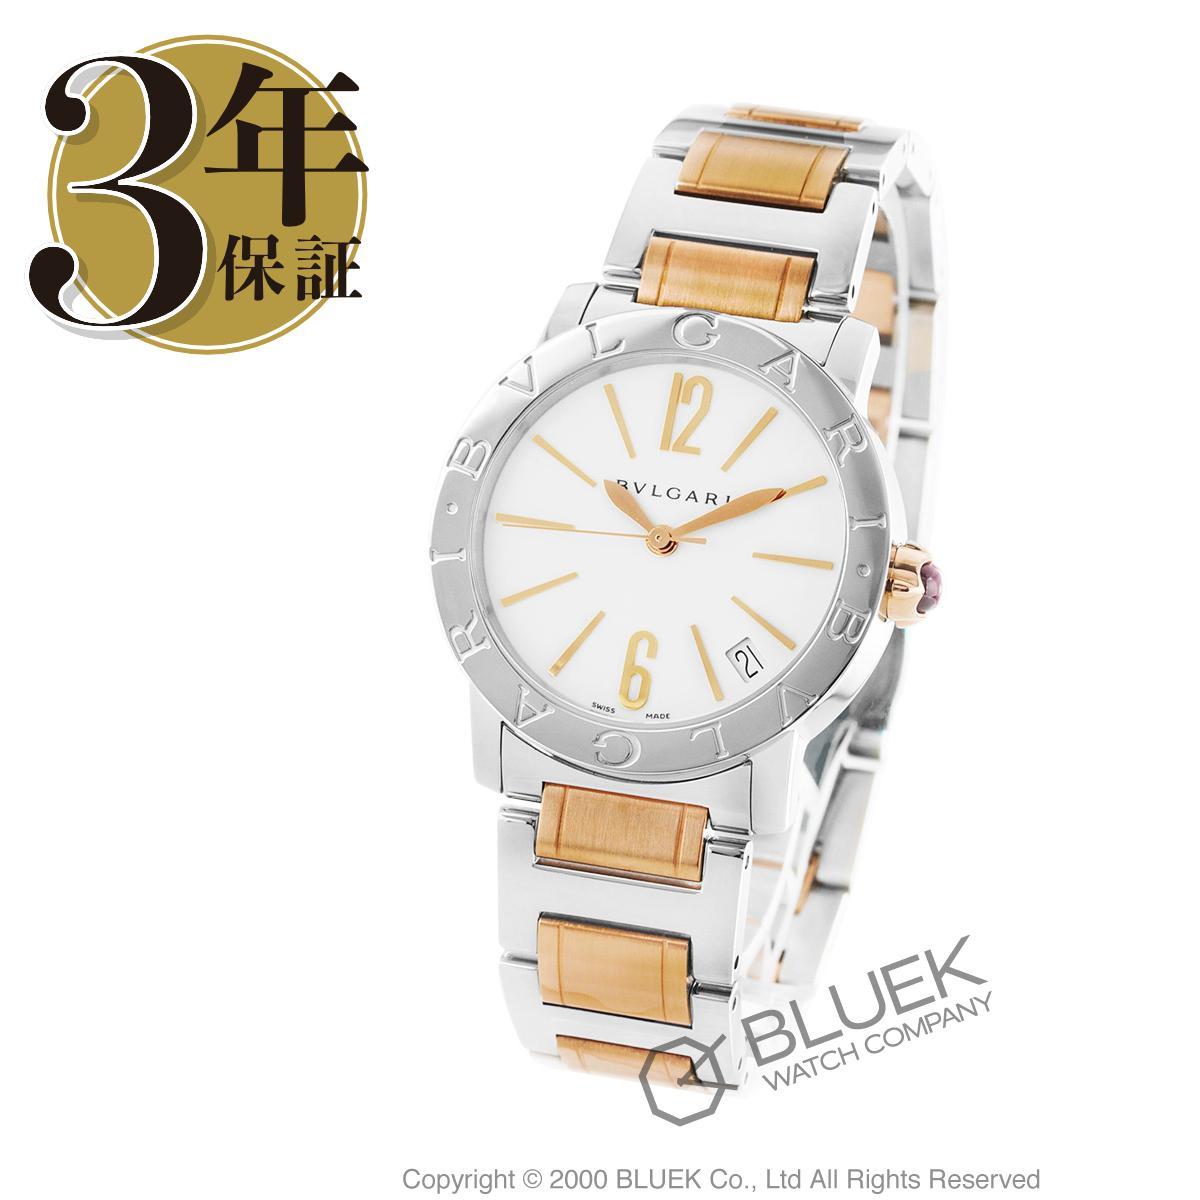 ブルガリ ブルガリブルガリ 腕時計 レディース BVLGARI BBL33WSSPGD_3